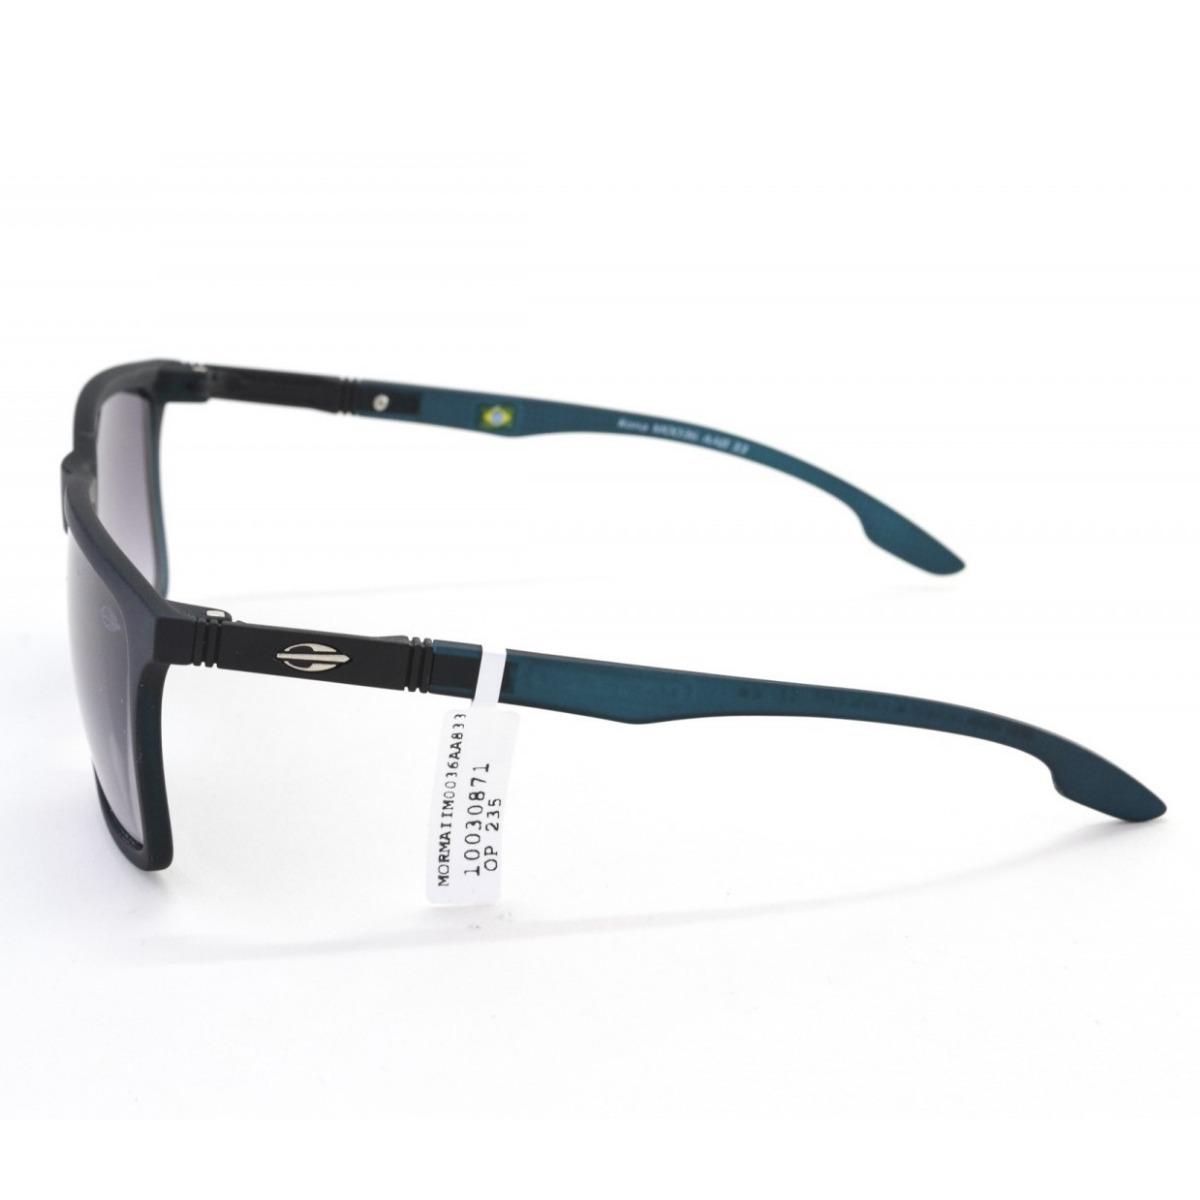 8758a474c789e oculos solar mormaii kona m0036aa833 preto azul petroleo. Carregando zoom.